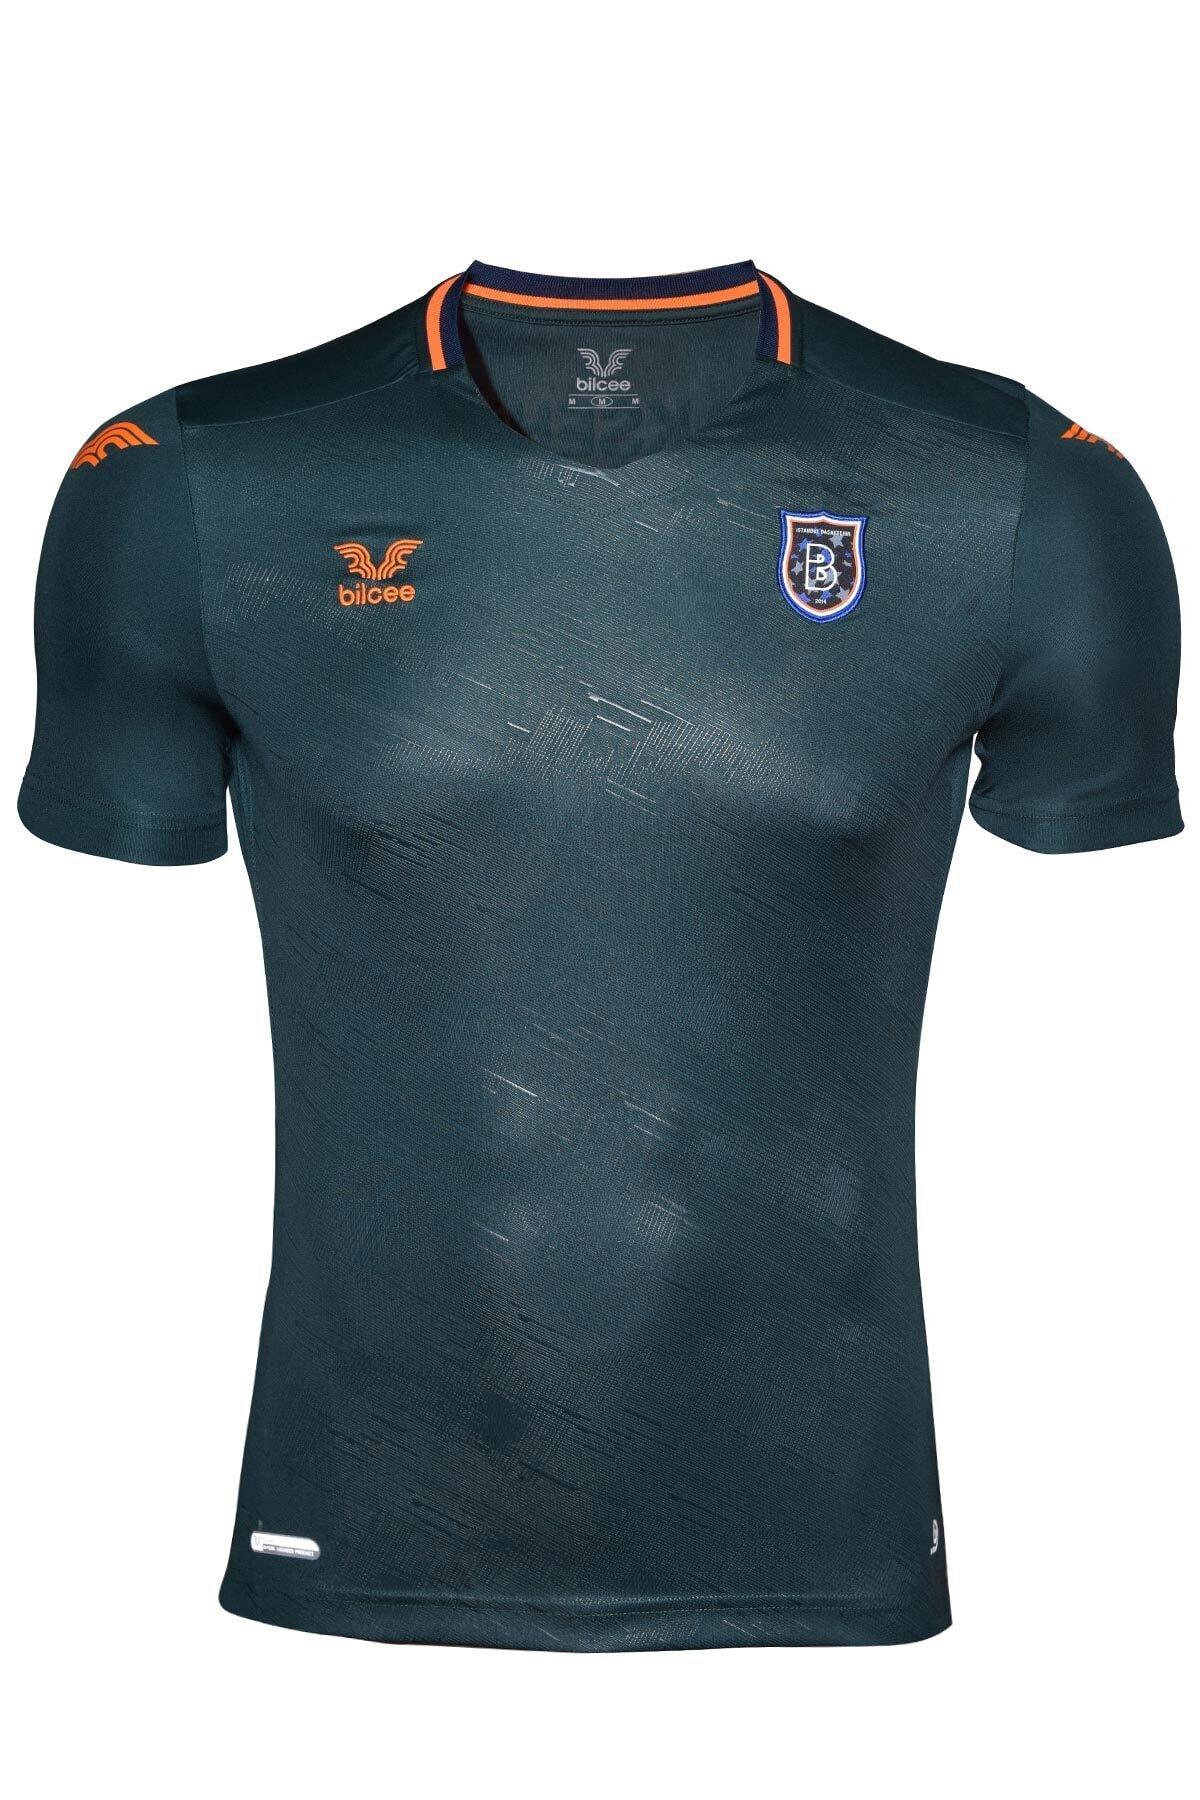 bilcee Başakşehir Yeşil Antrenman T-Shirt BS-3476 1